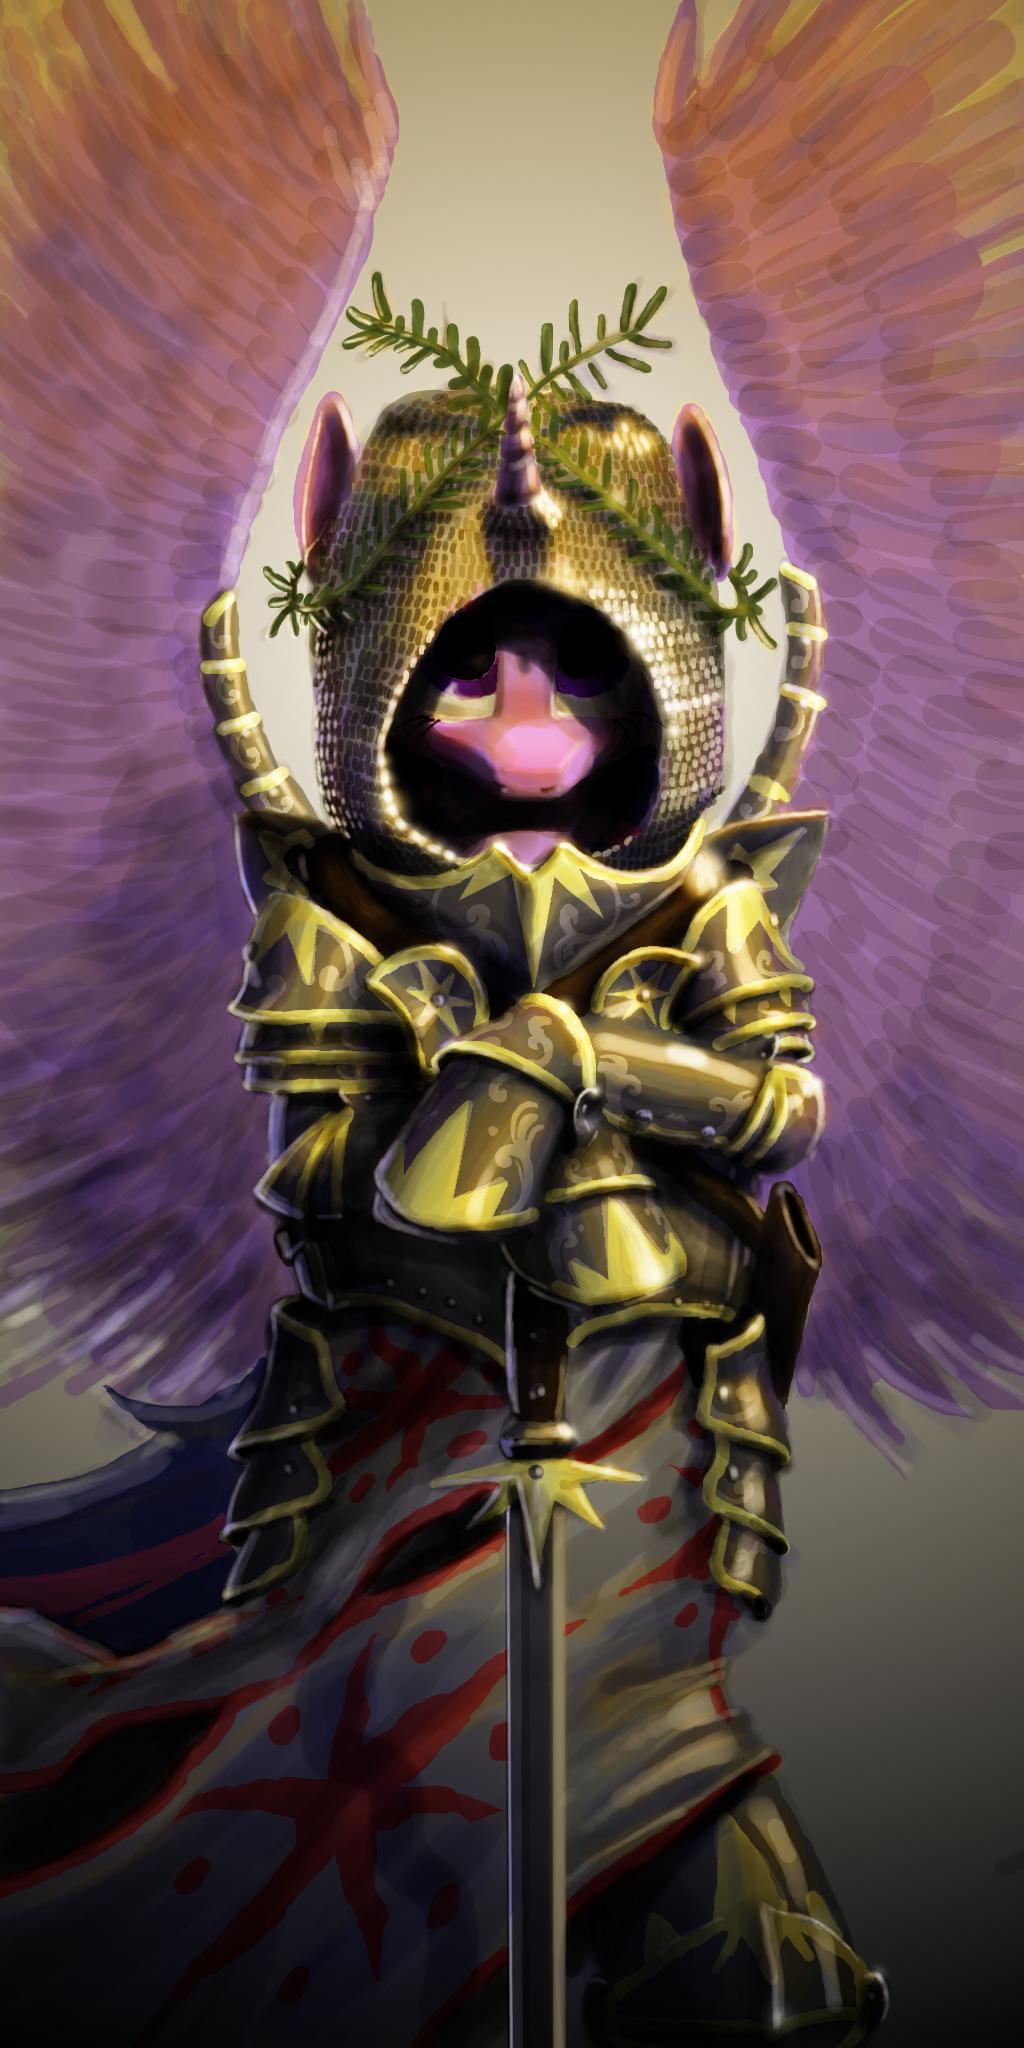 Twi Knight Sparkle